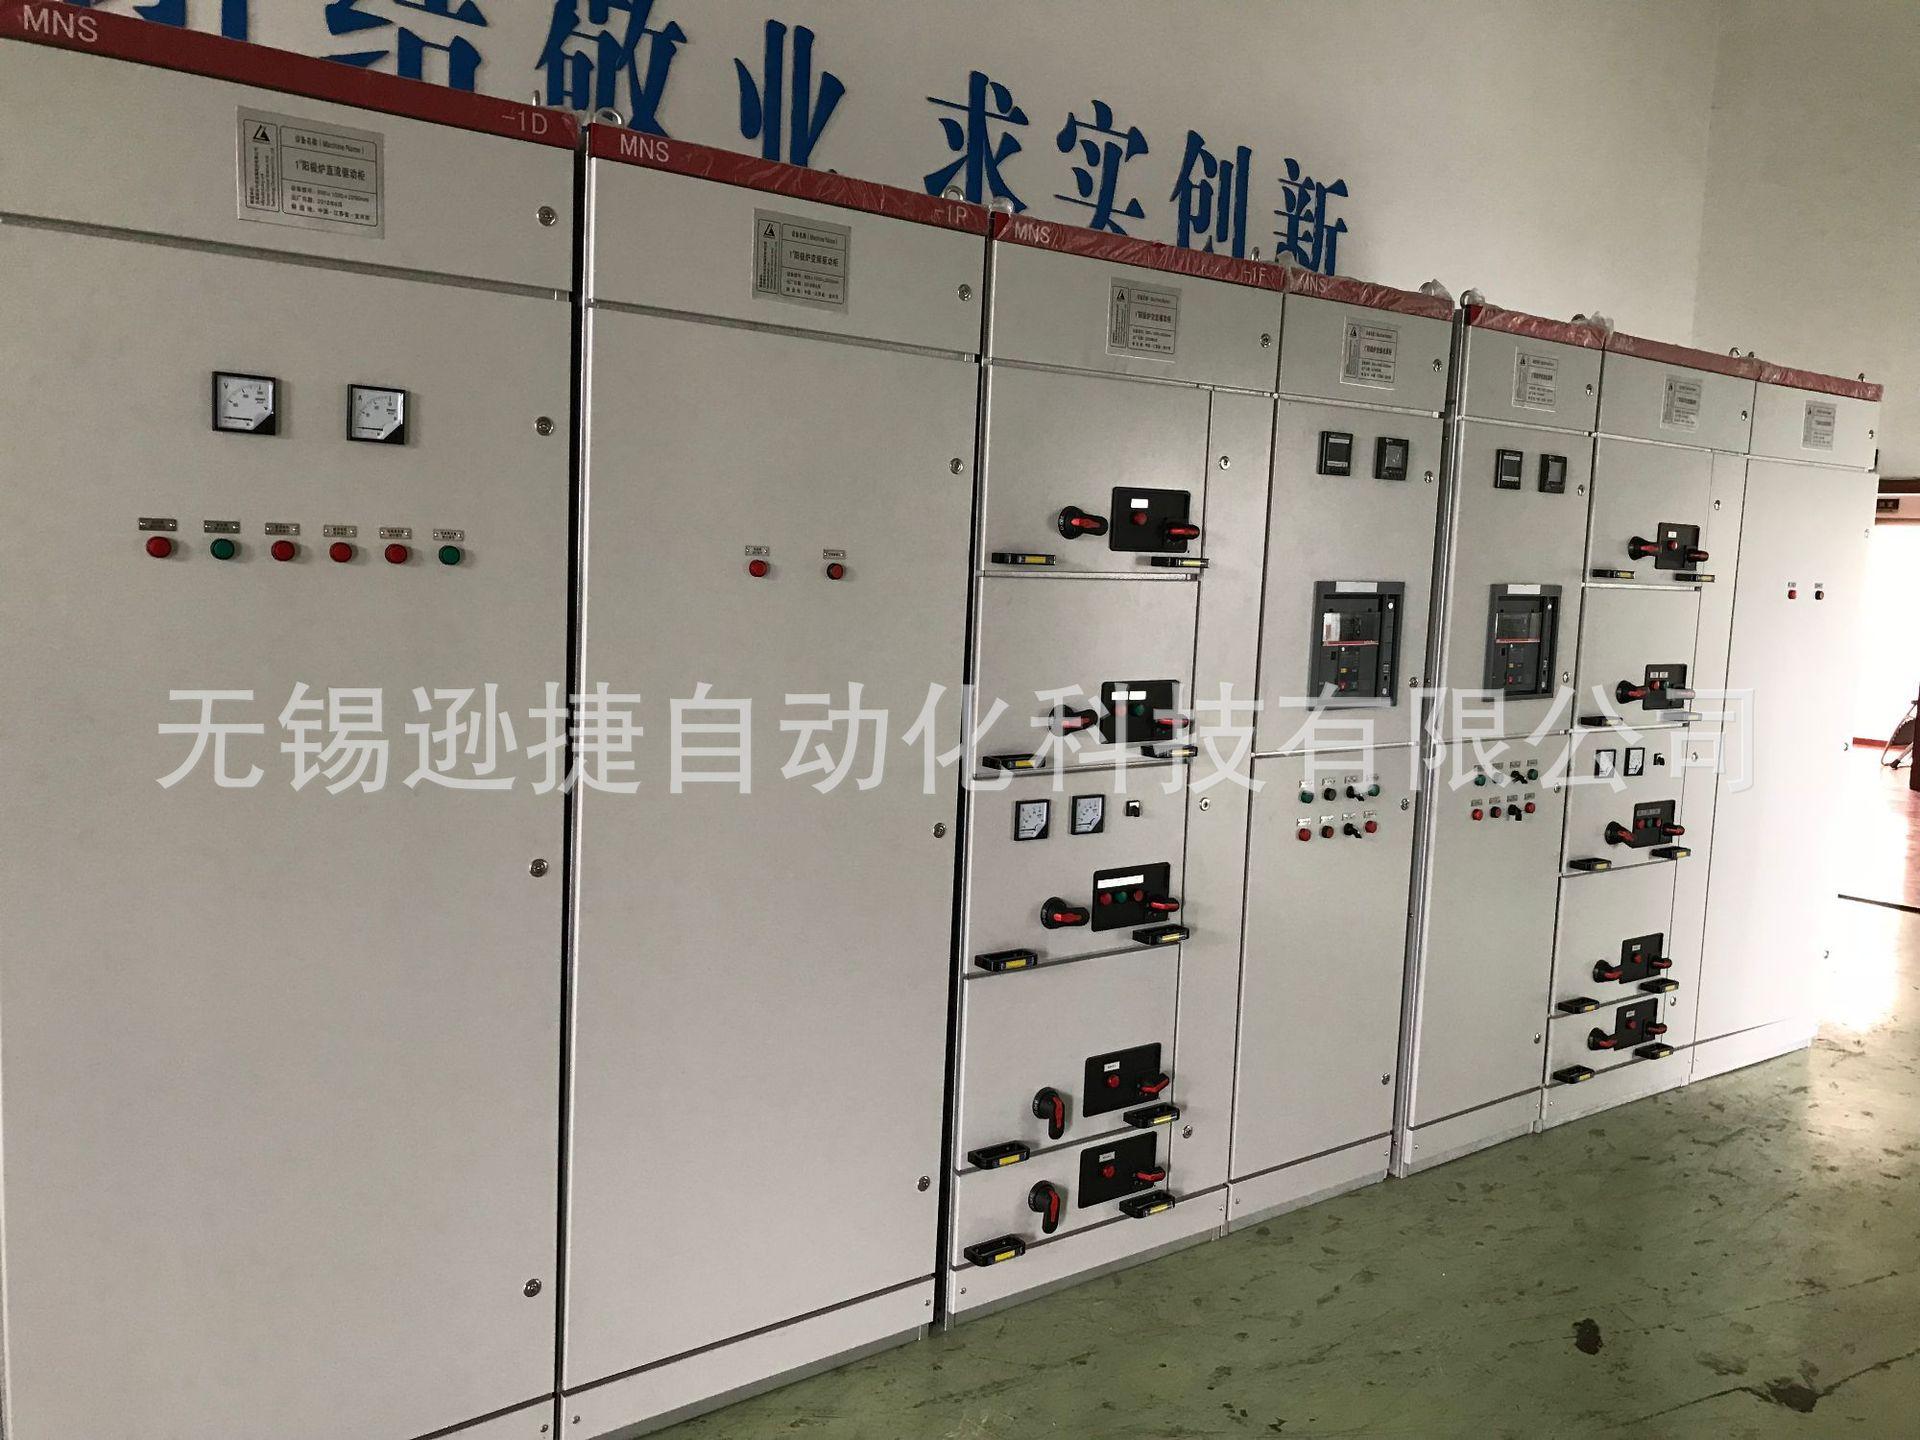 Nhà sản xuất chuyên nghiệp sản xuất phân phối phân phối chuyển hòm hòm hòm phân phối đĩa màn hình ph